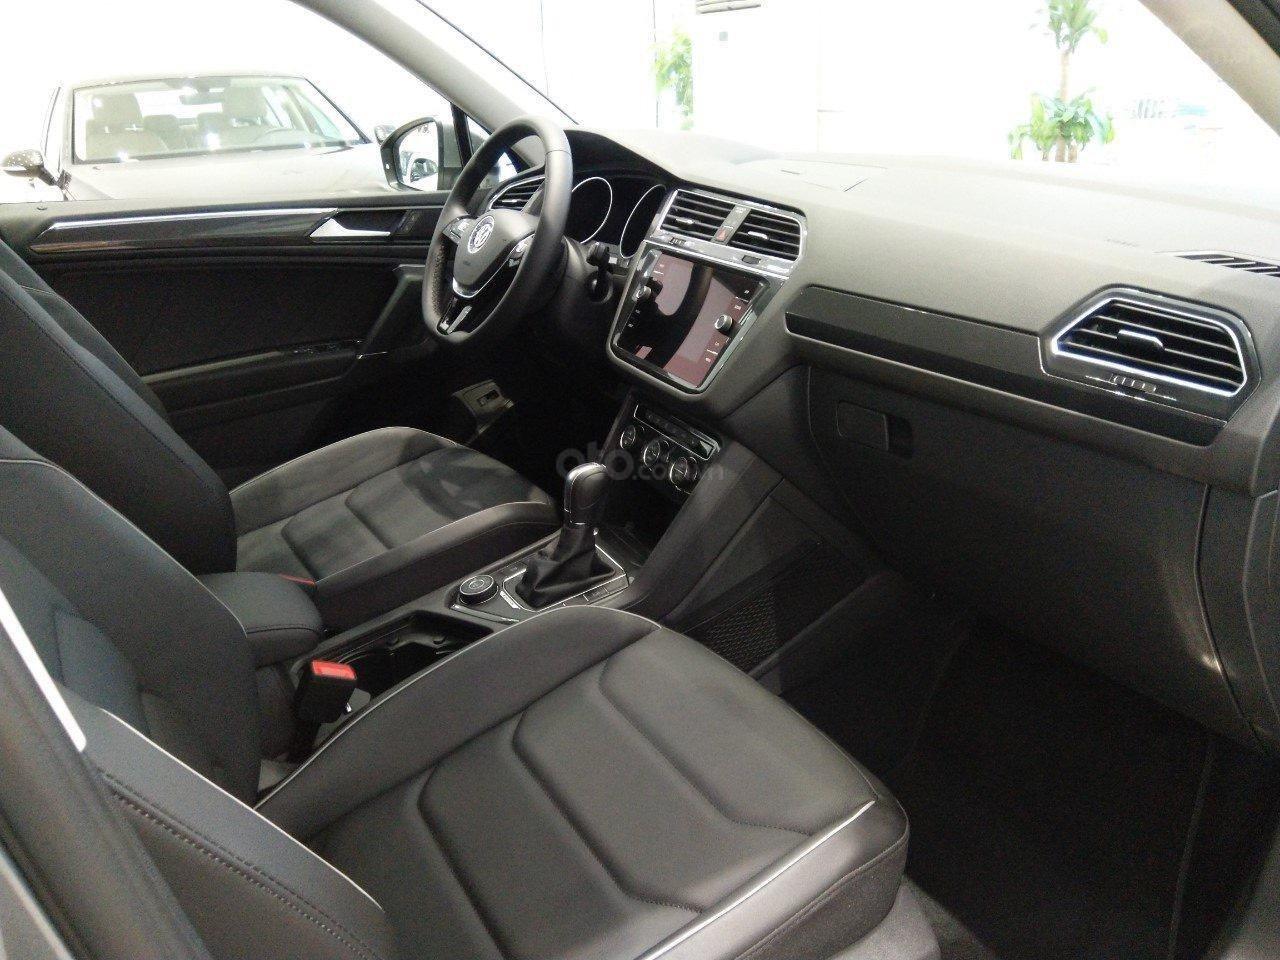 Bán Volkswagen Tiguan All Space nhập khẩu 2019 nhiều ưu đãi-2